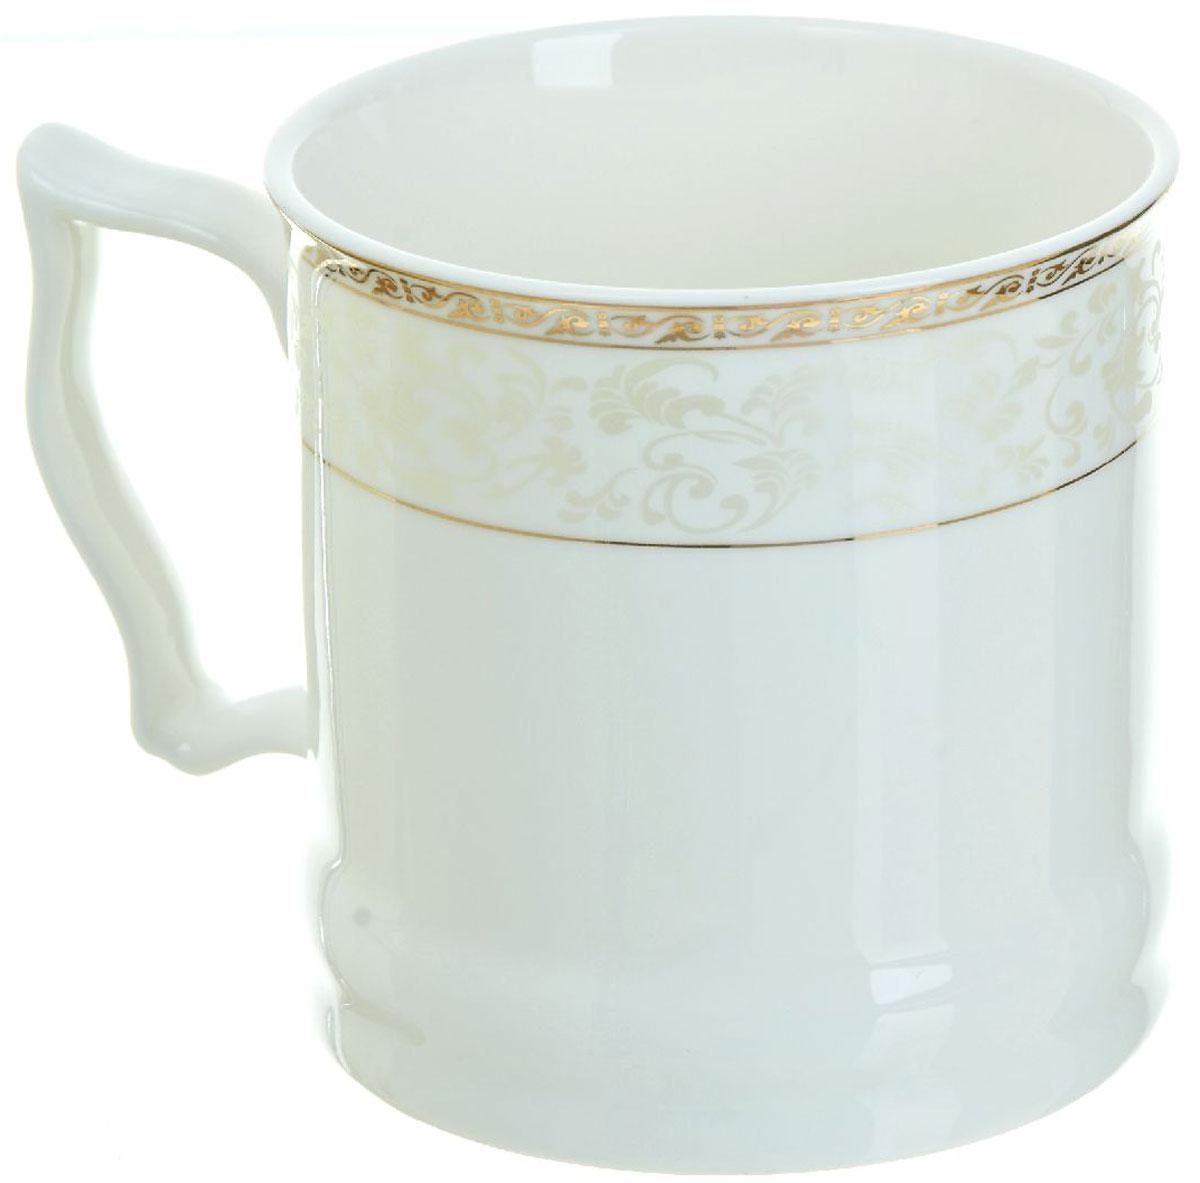 Кружка BHP Королевская кружка, 500 мл. 187000454 009312Оригинальная кружка Best Home Porcelain, выполненная из высококачественного фарфора, сочетает в себе простой, утонченный дизайн с максимальной функциональностью. Можно использовать в посудомоечной машине.